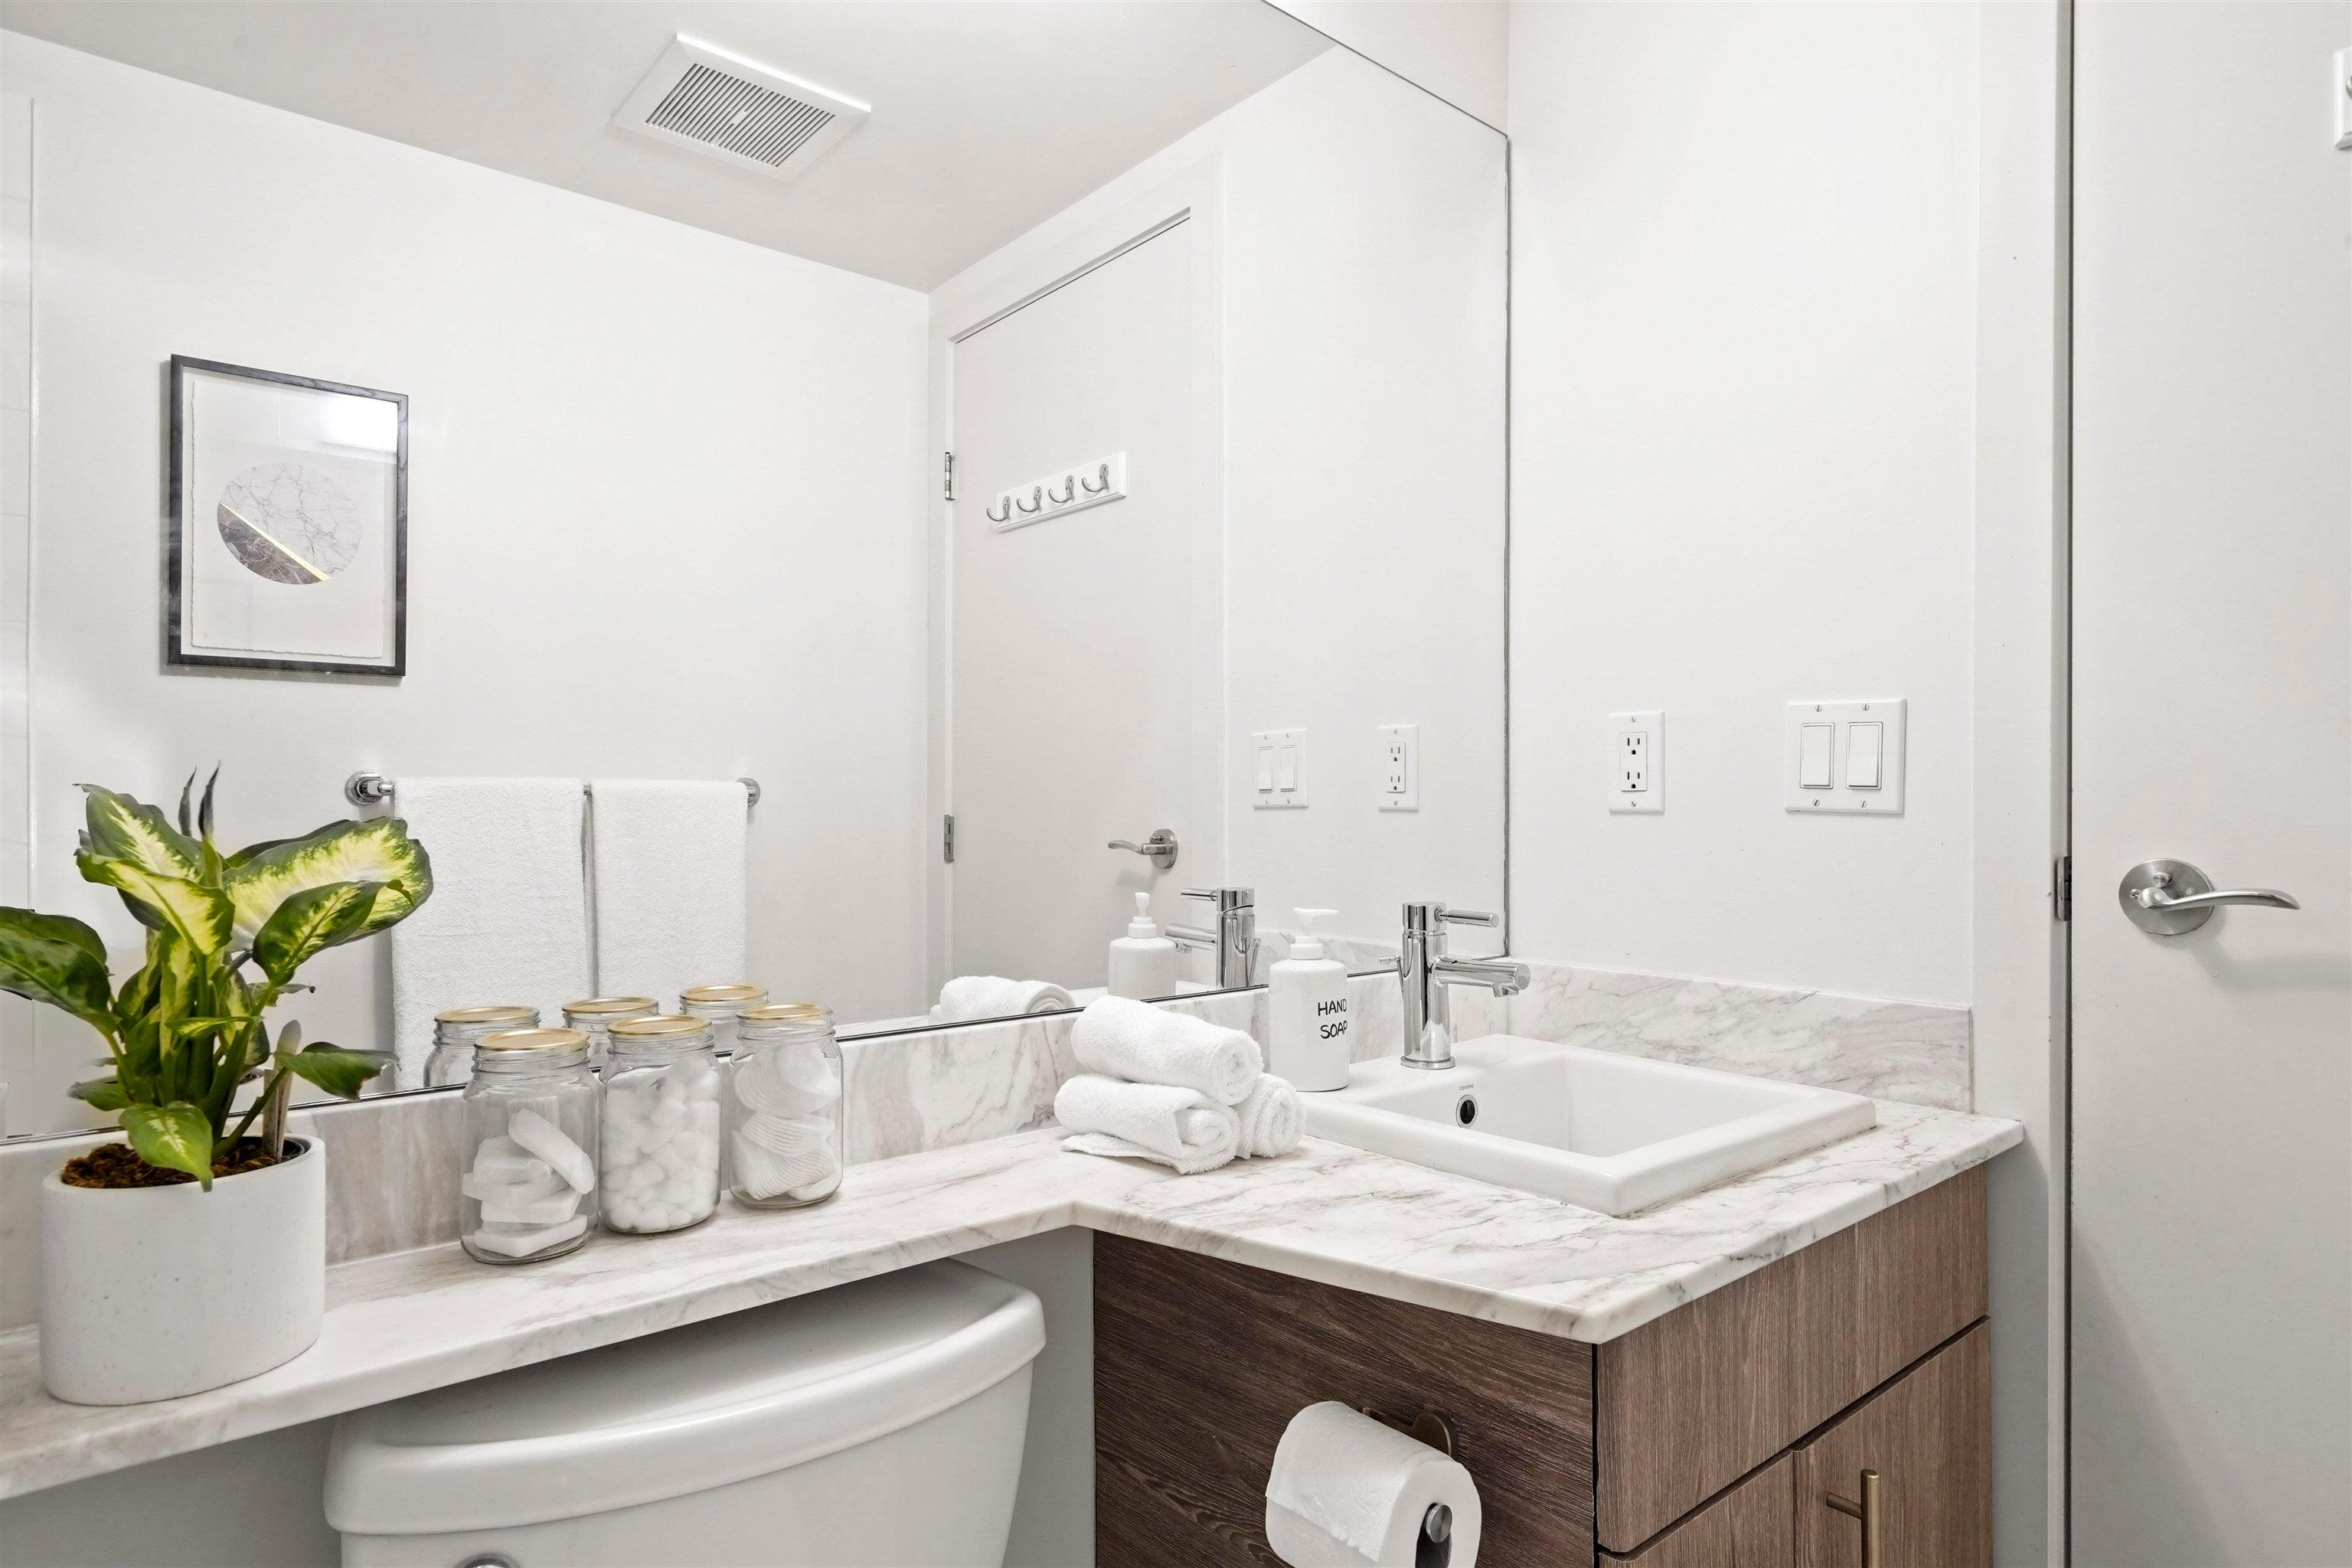 319 1633 MACKAY AVENUE - Pemberton NV Apartment/Condo for sale, 2 Bedrooms (R2624916) - #20